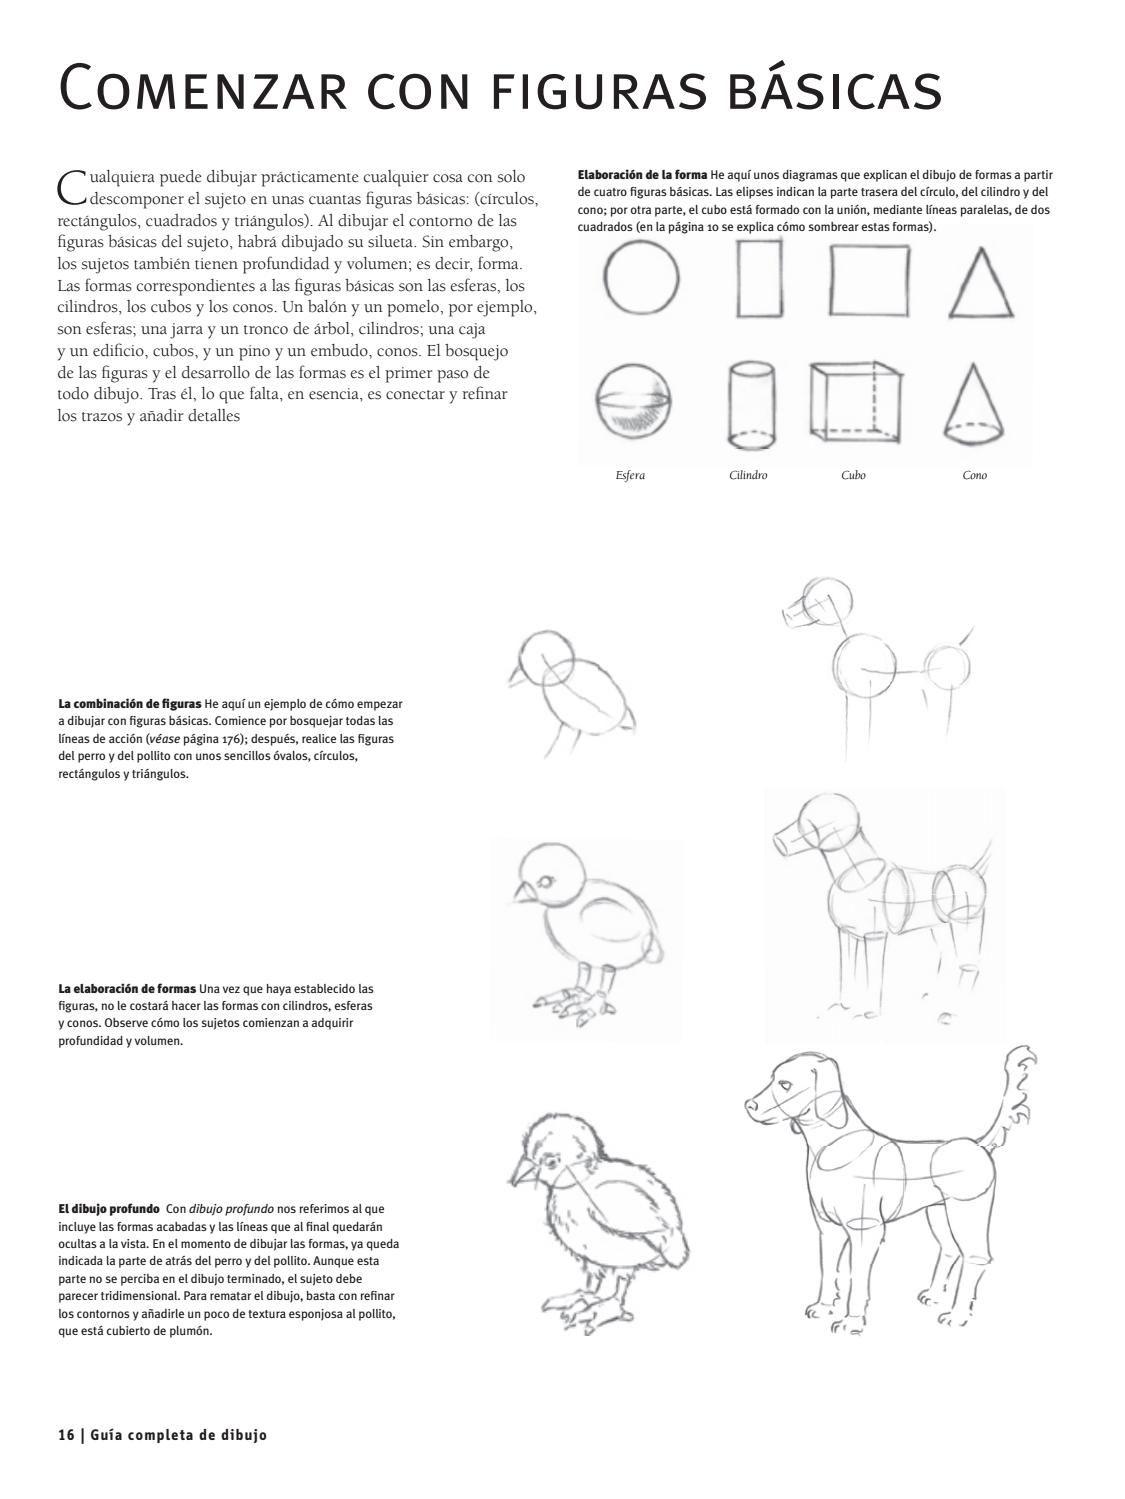 Guia Completa De Dibujo Libro De Dibujo Dibujos Profundos Lineas Paralelas